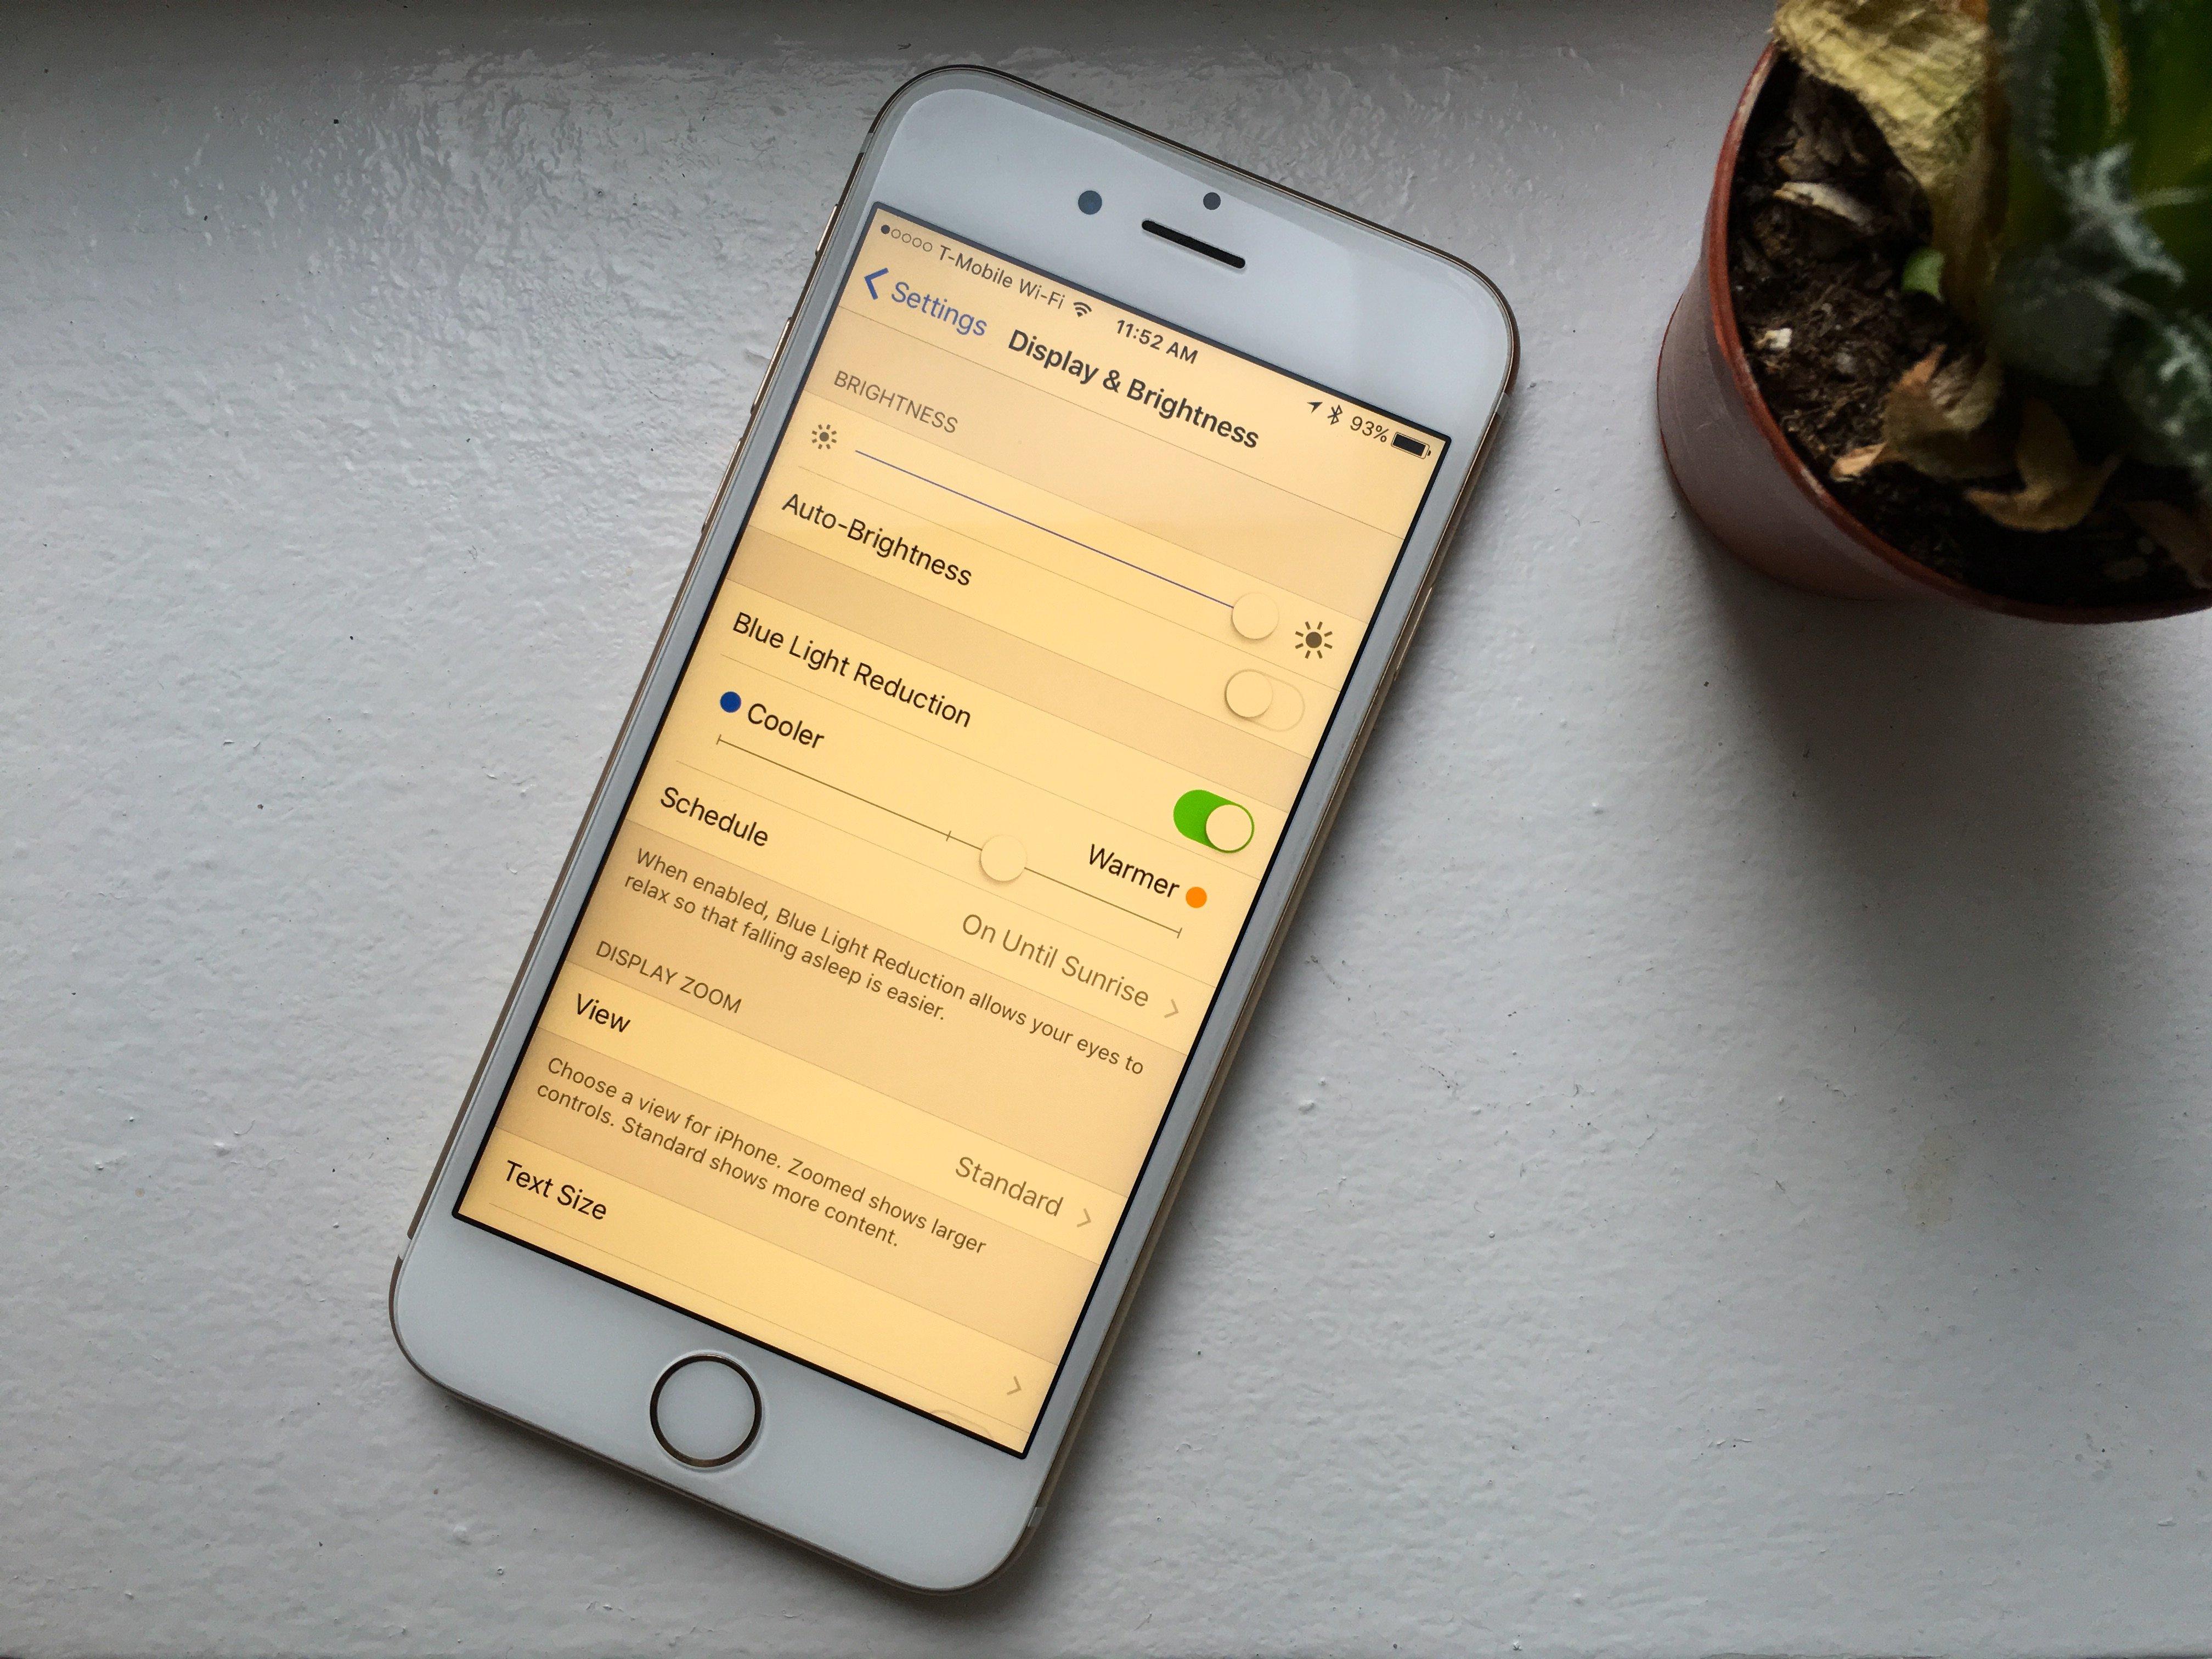 iOS 9.3, uuenenud Apple TV ja uued Apple Watch kellarihmad